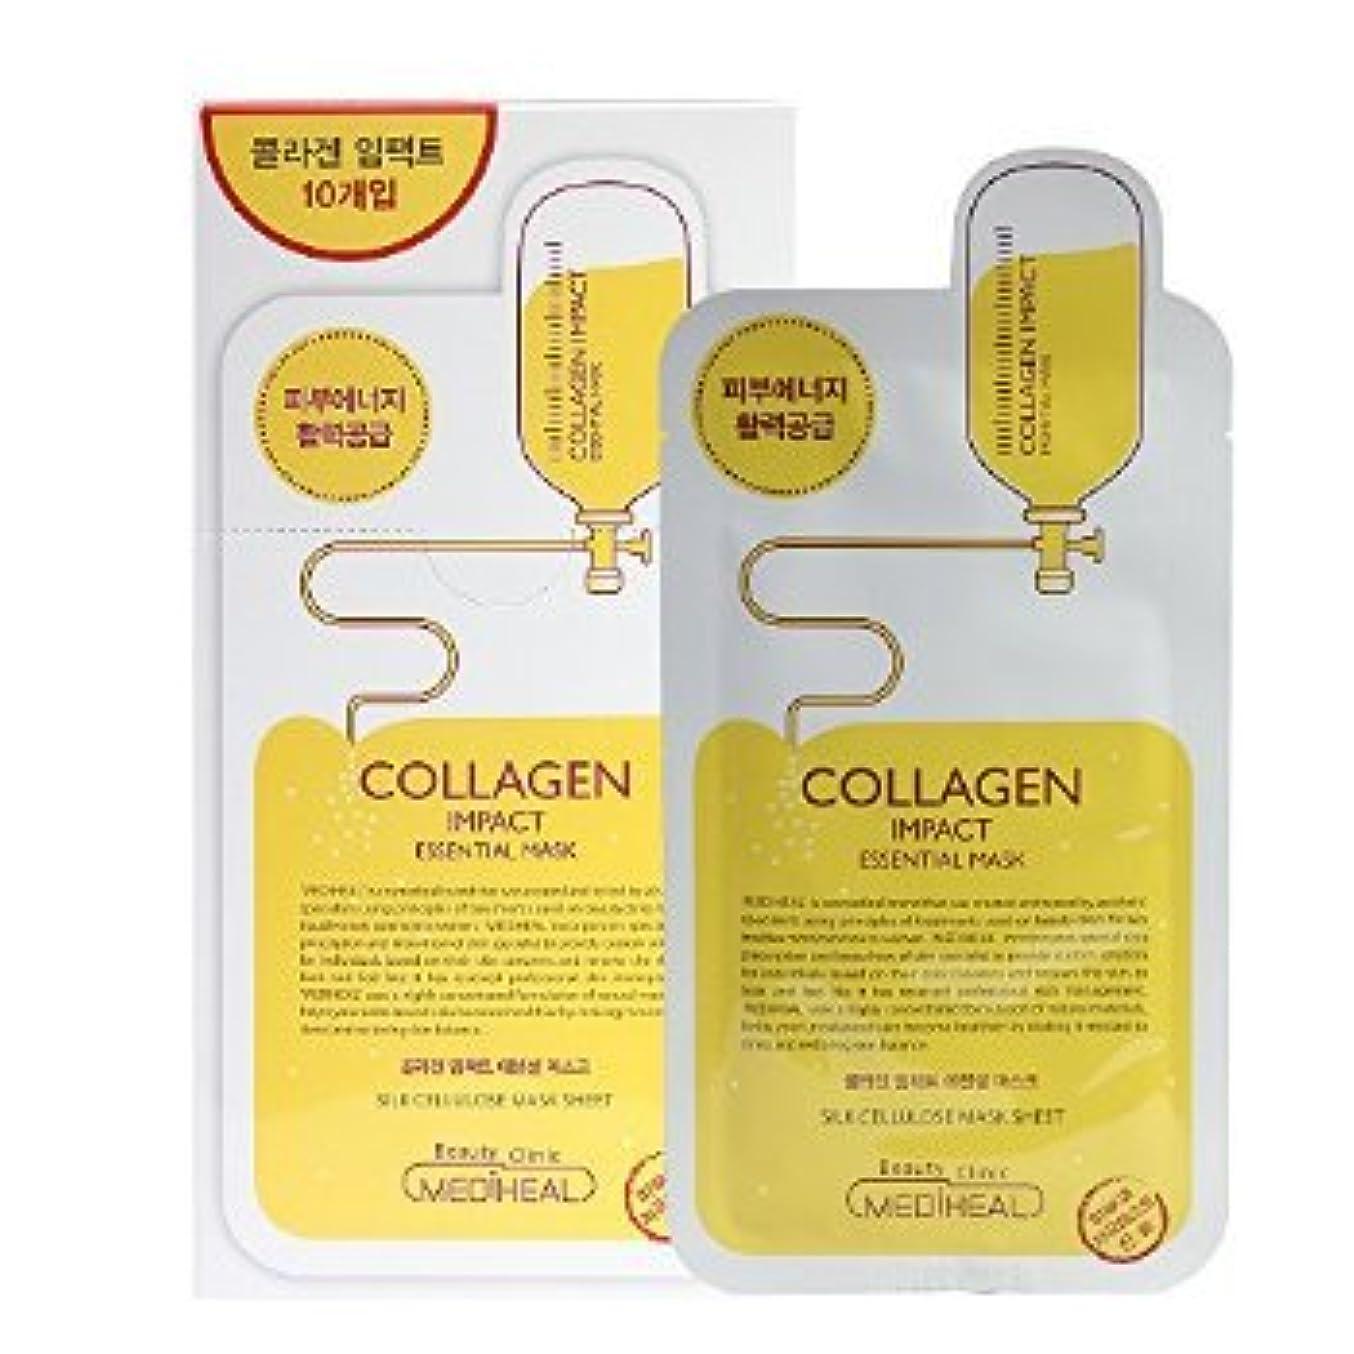 ラフ発表する頬骨Korea Mediheal Collagen Impact Essential Mask Pack 1box 10sheet